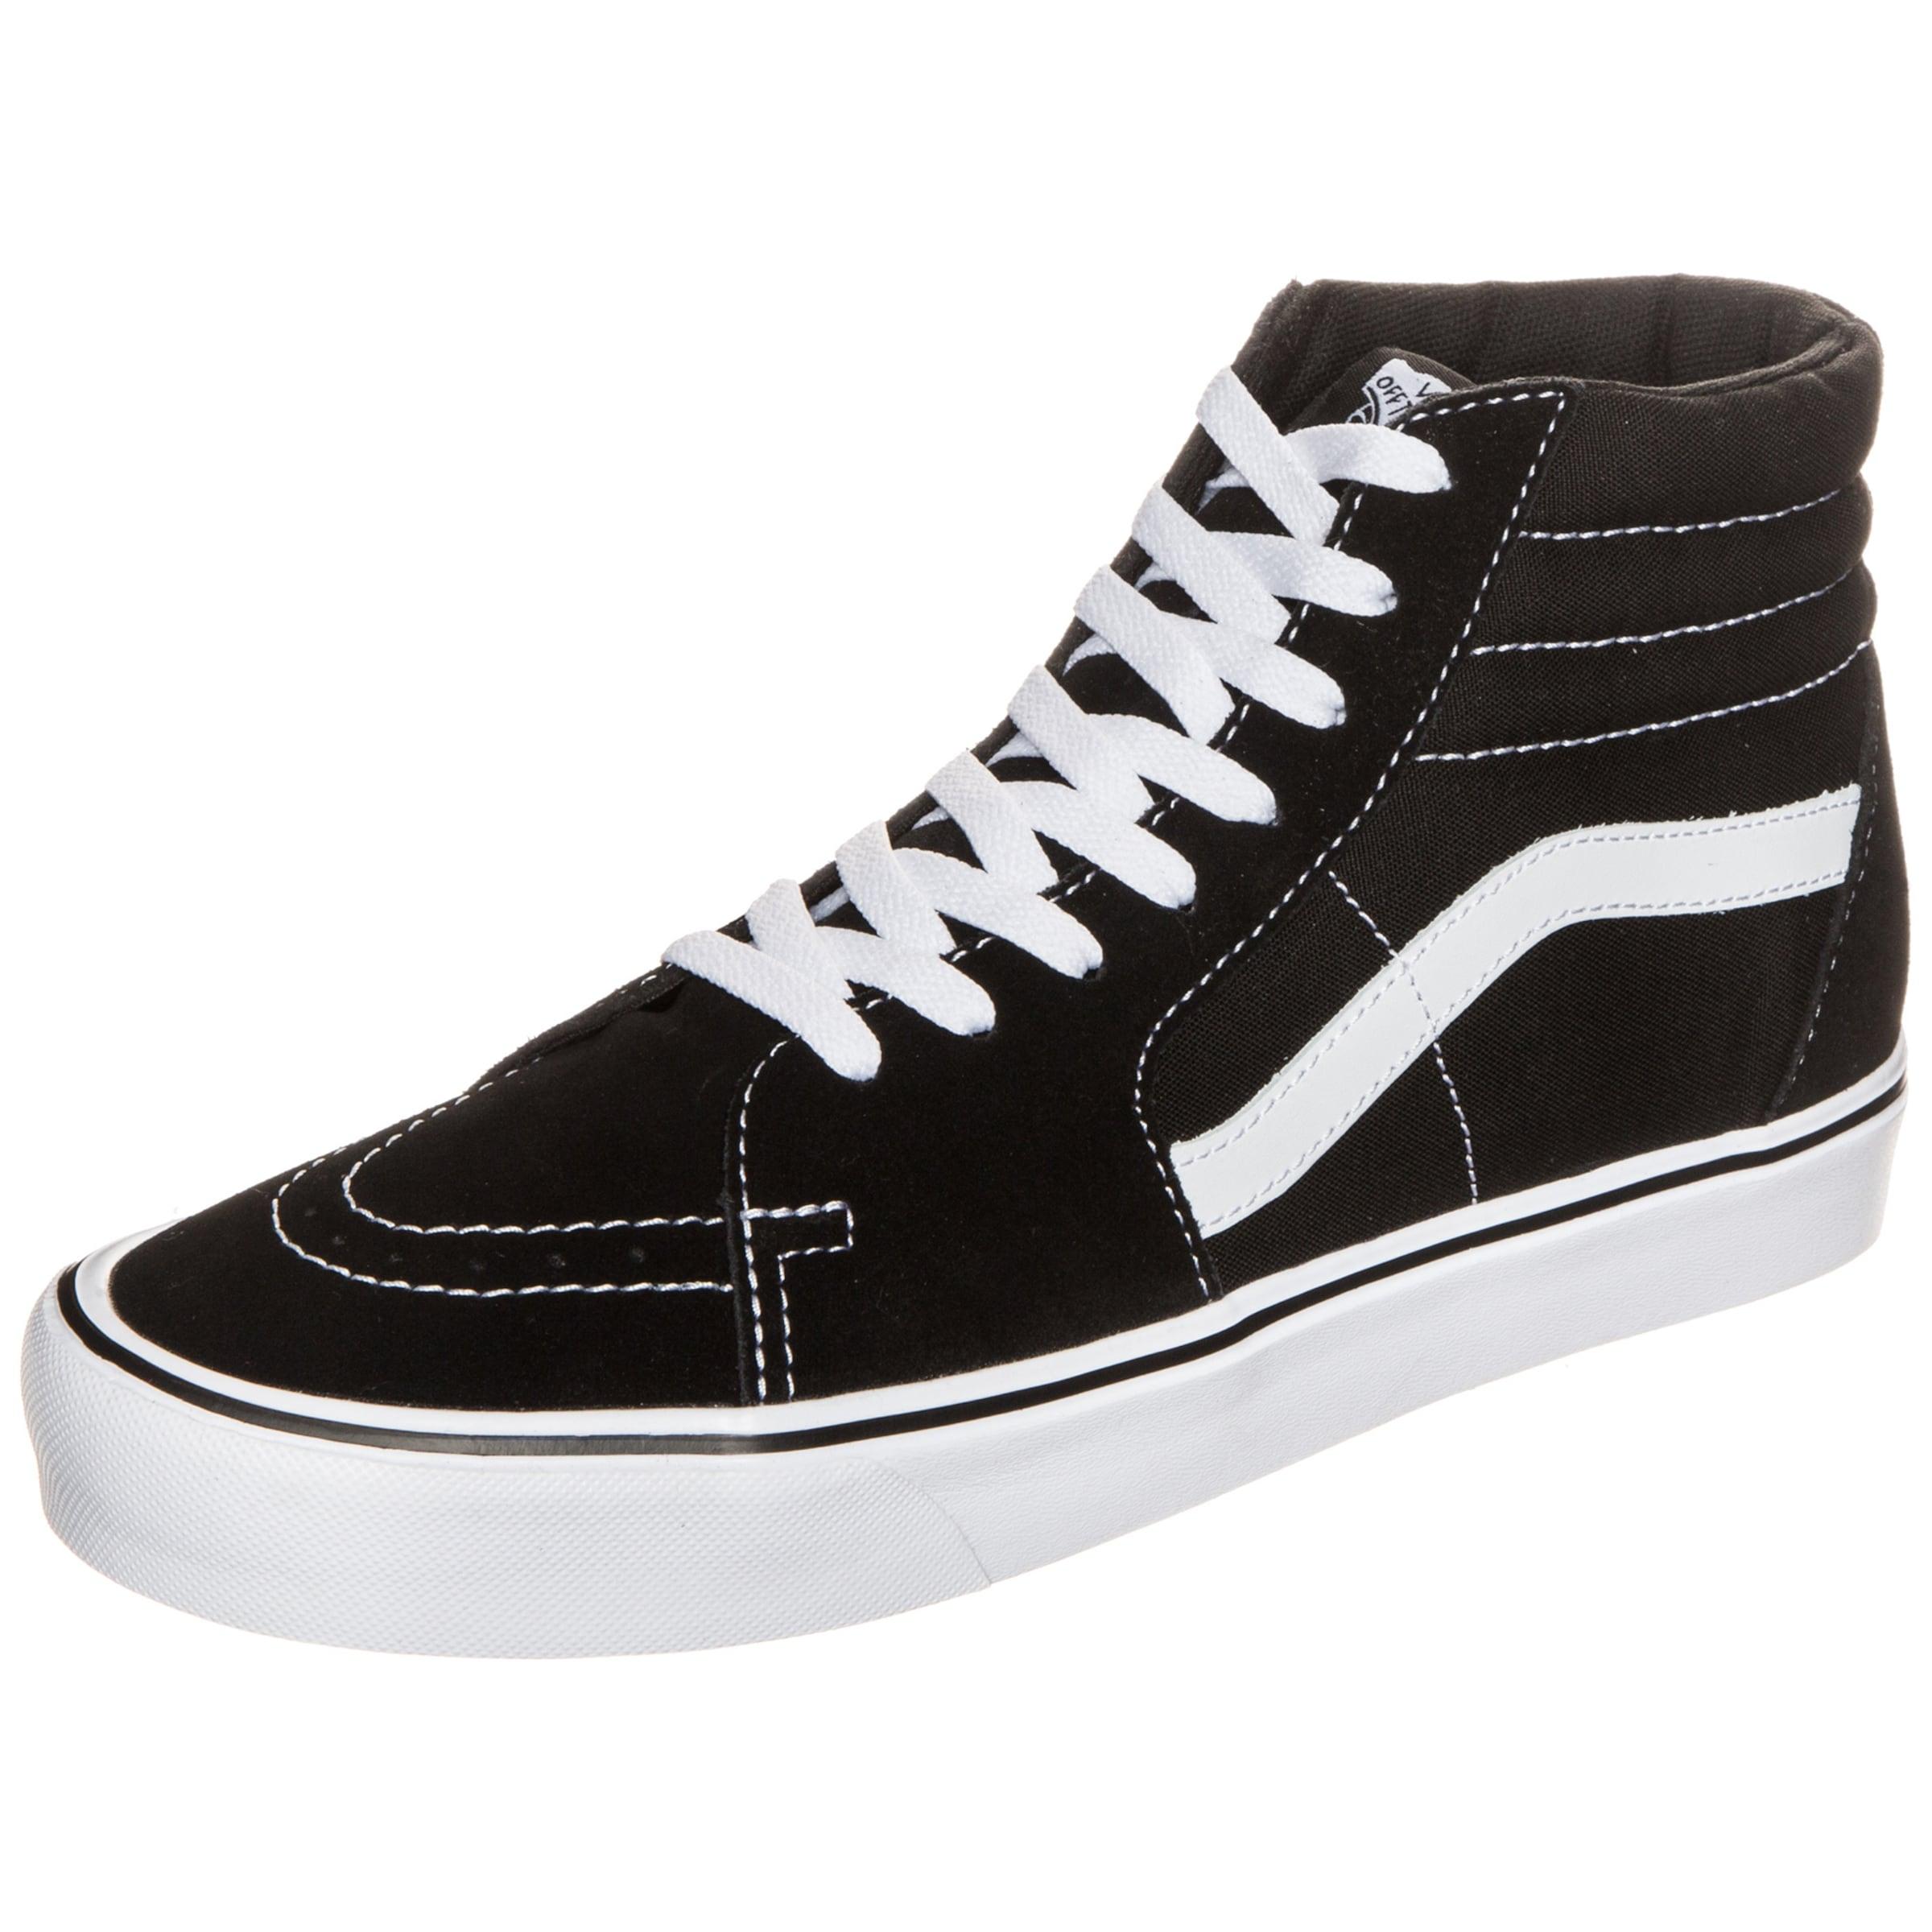 VANS Sk8-Hi Lite Sneaker Verschleißfeste billige Schuhe